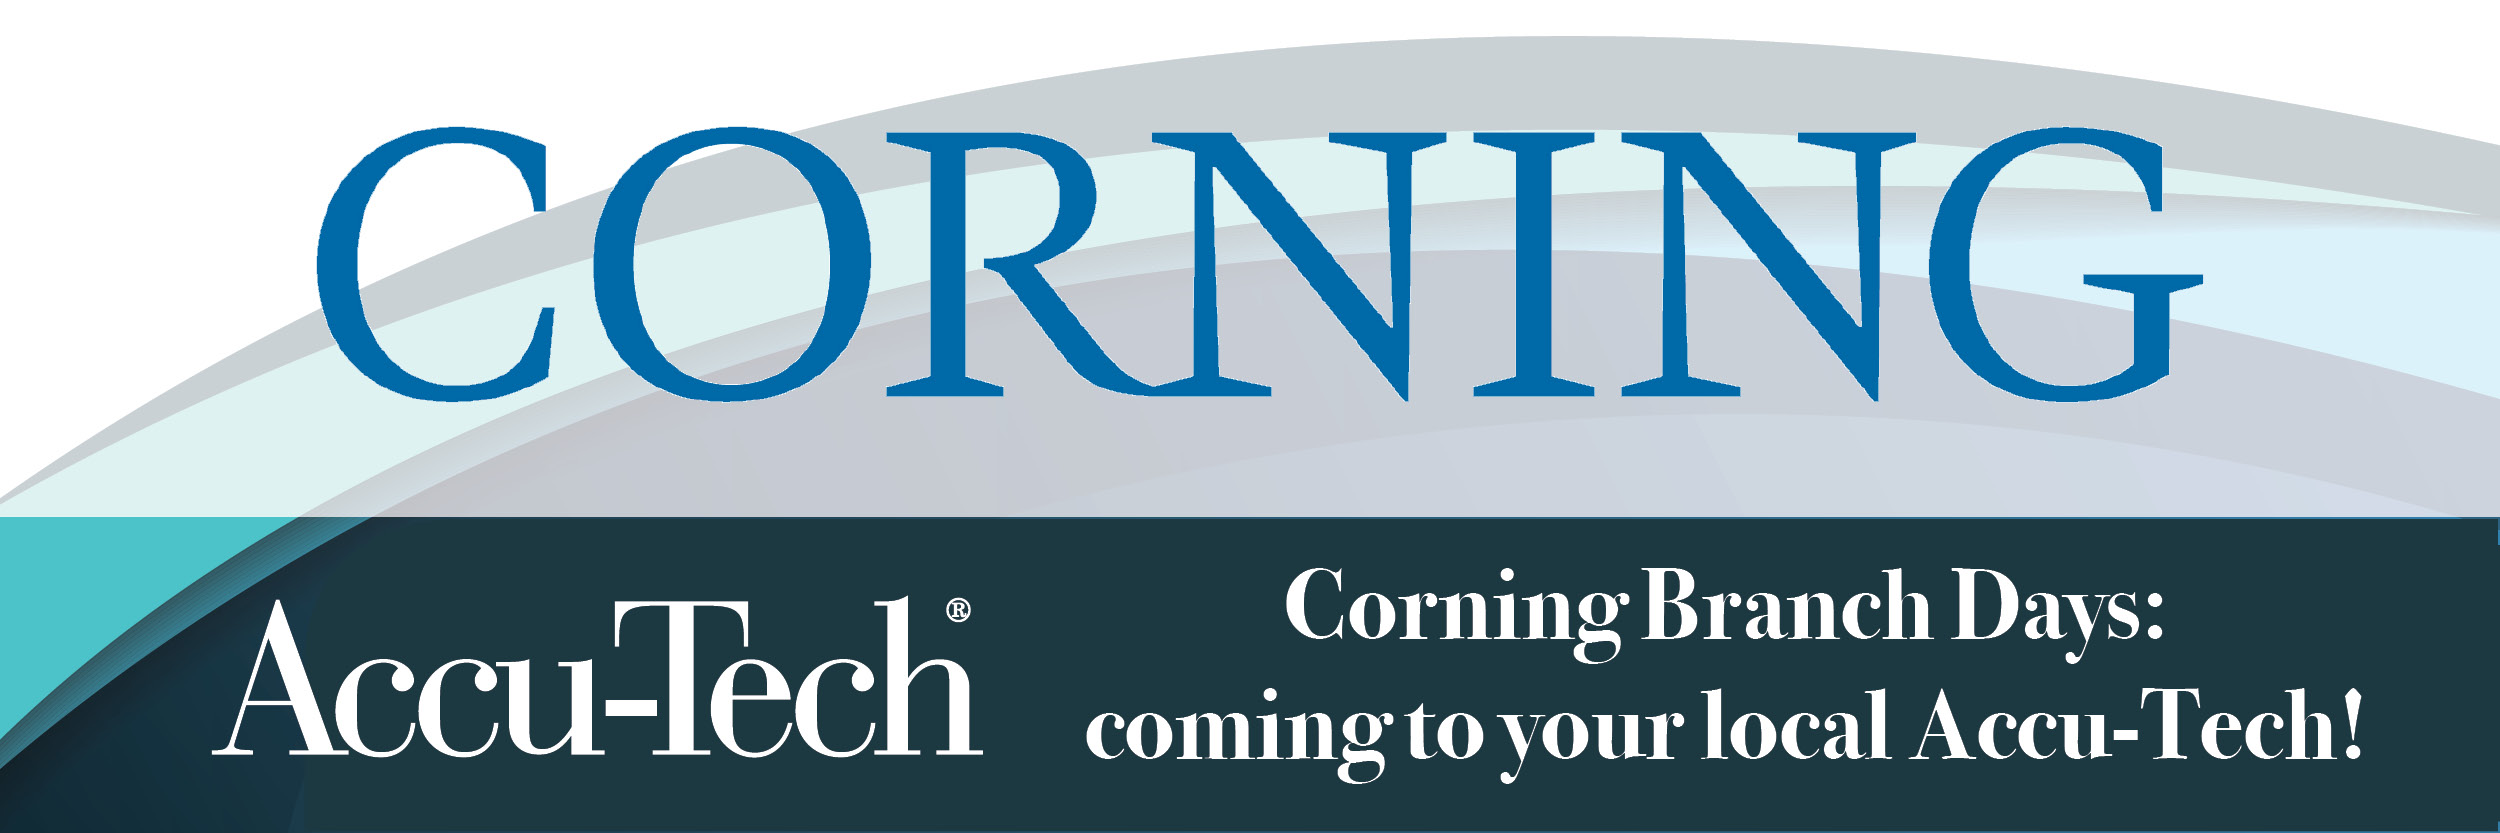 Corning_Branch_Day_Header-1.jpg